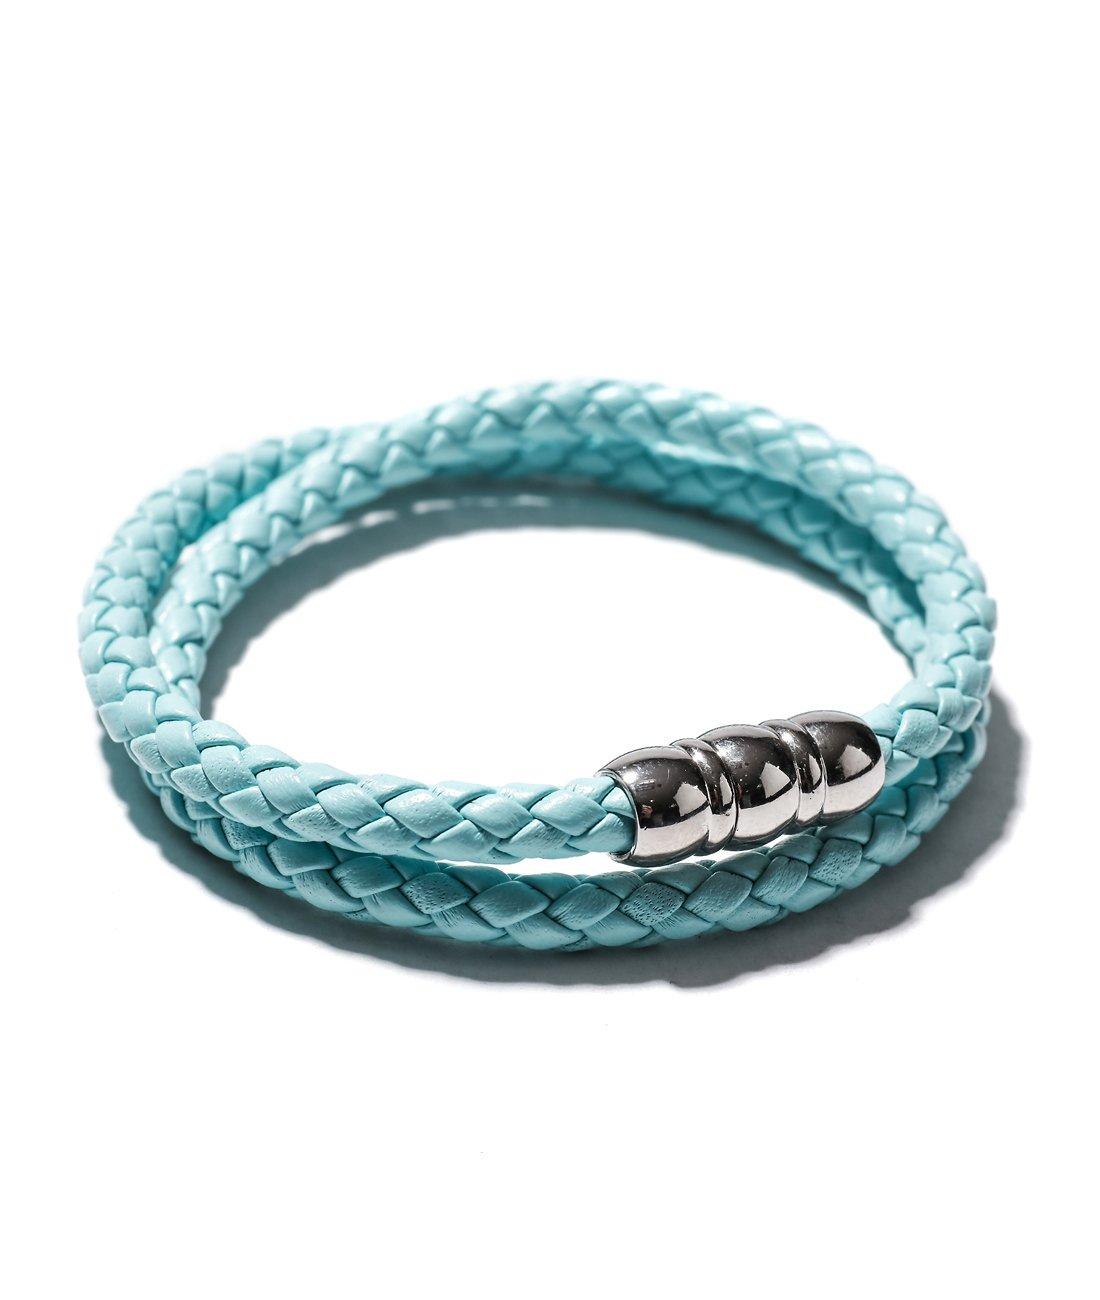 Wiberlux Mon Art Men's Double Wrap Woven Bracelet Metal Accent M Sky Blue